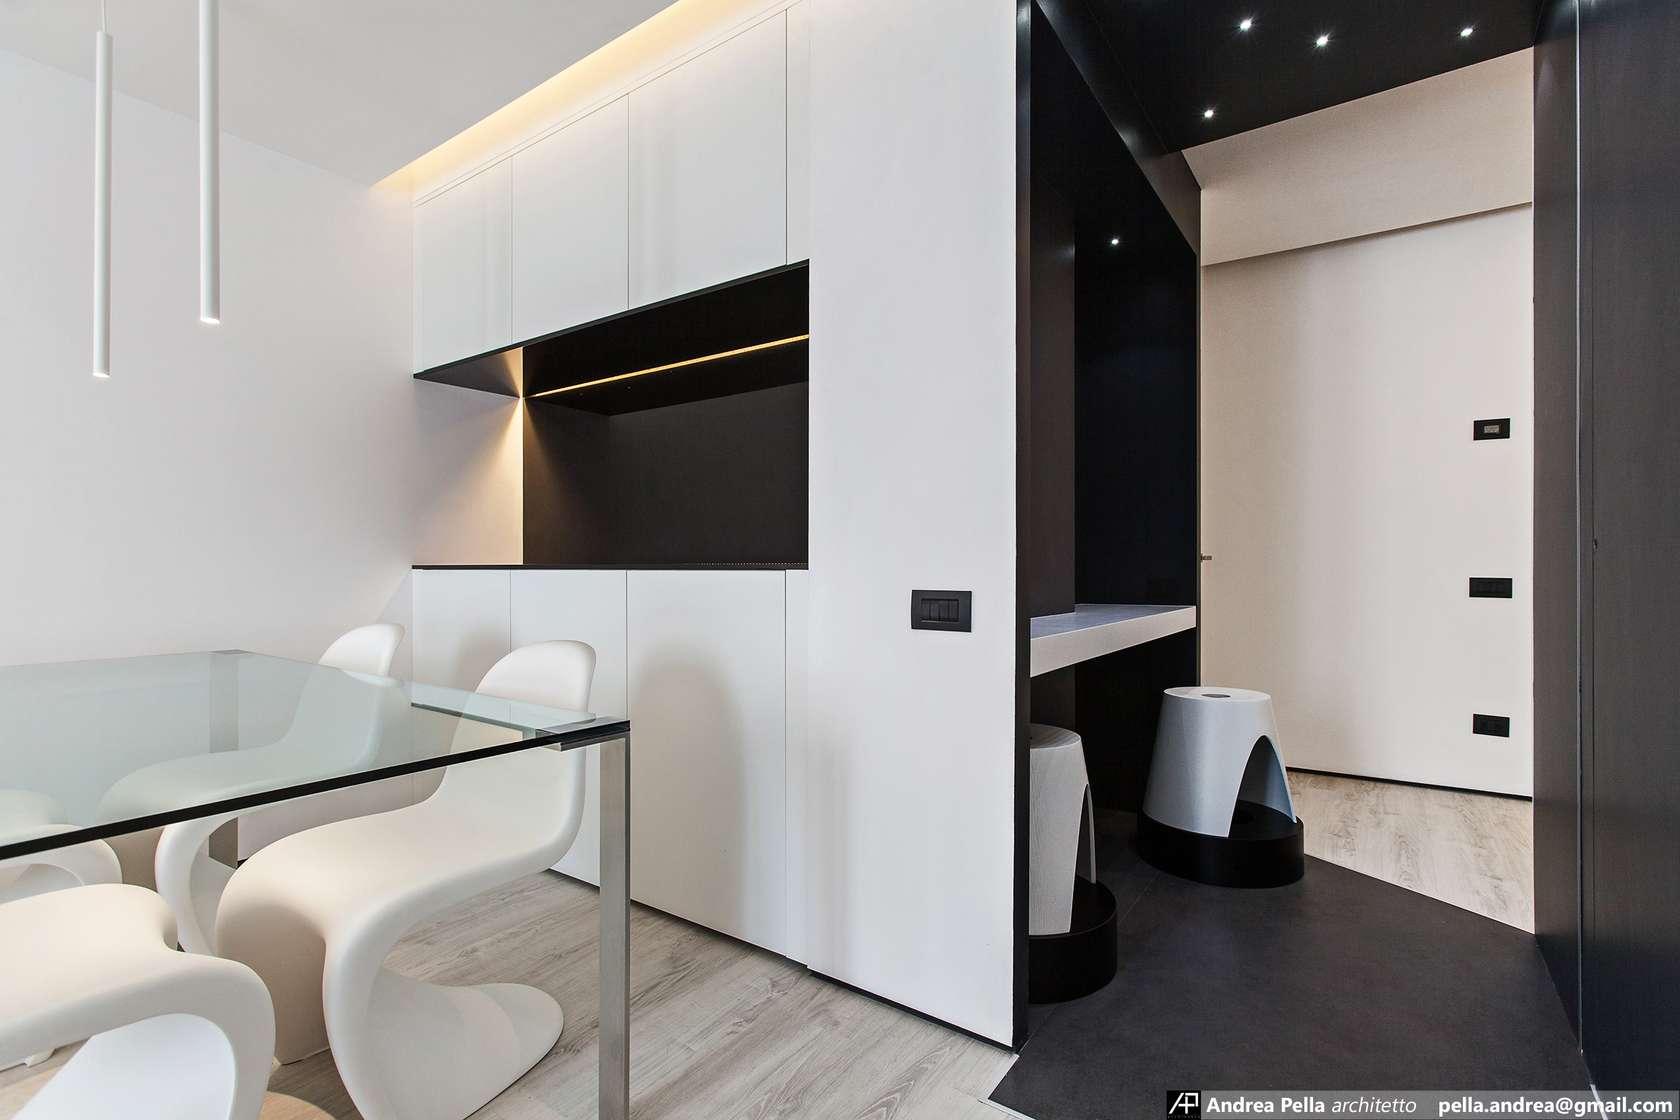 малък апартамент в минималистичен стил - 6